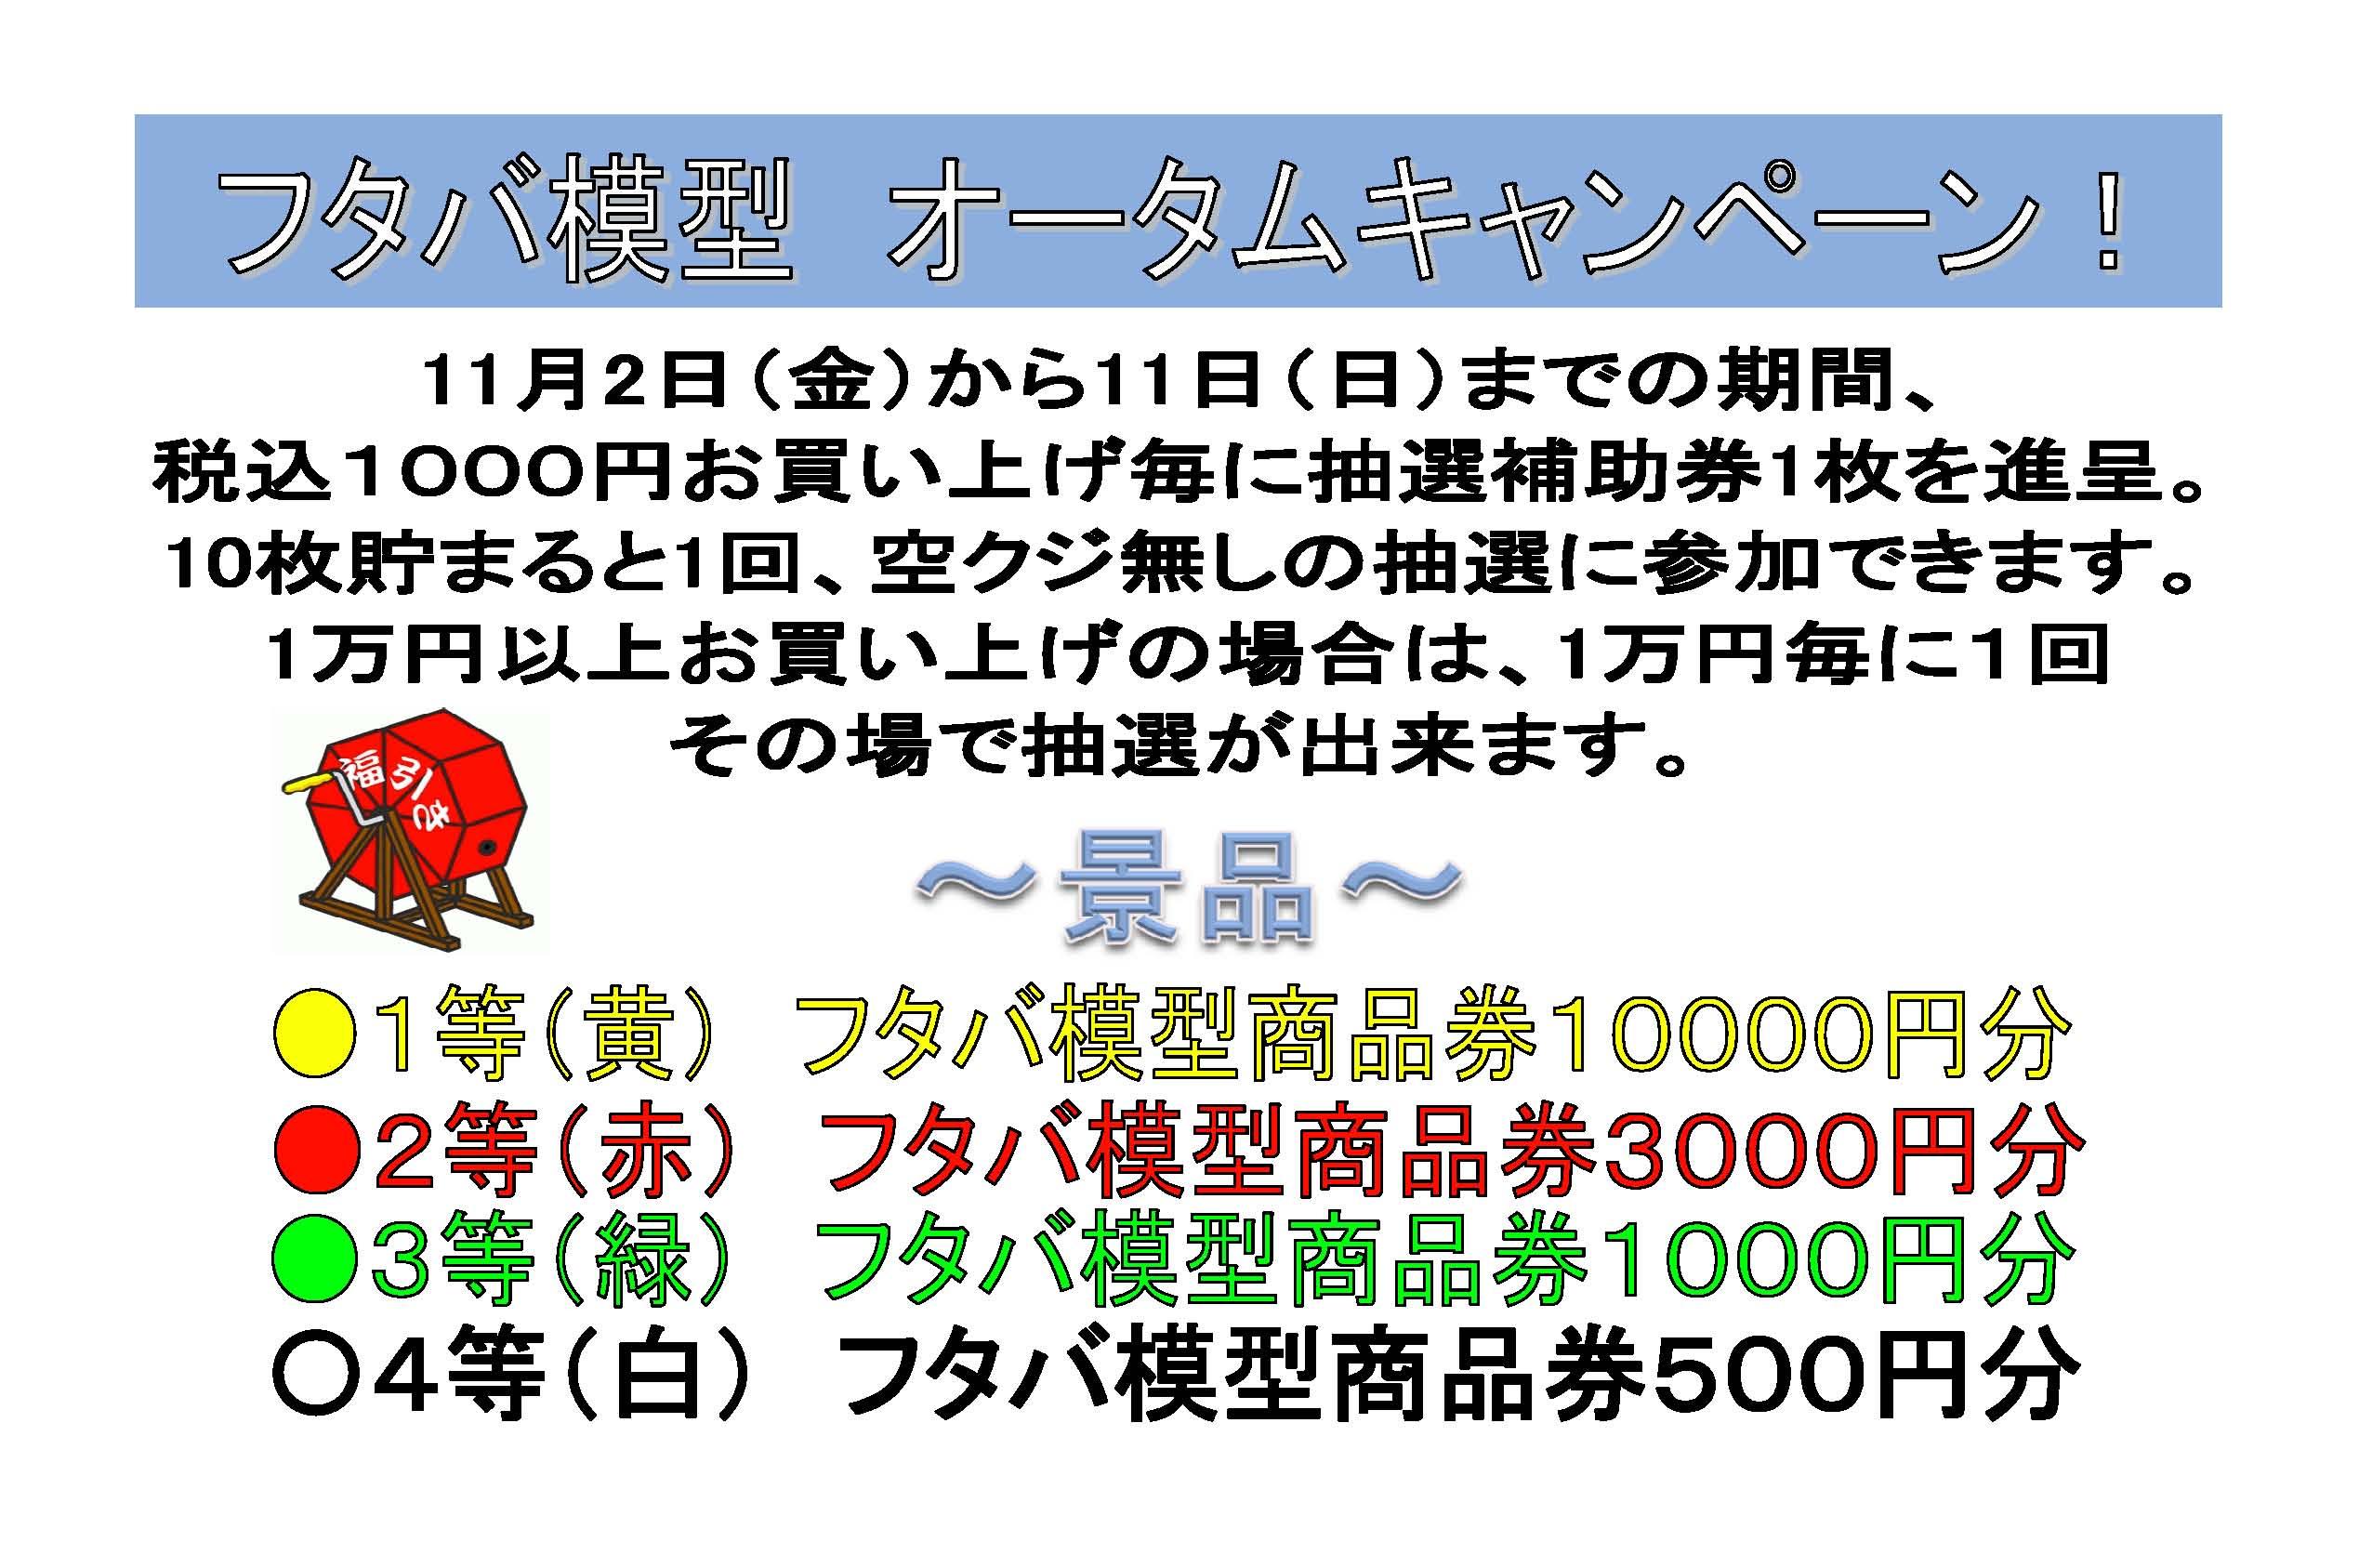 20121031210921199.jpg